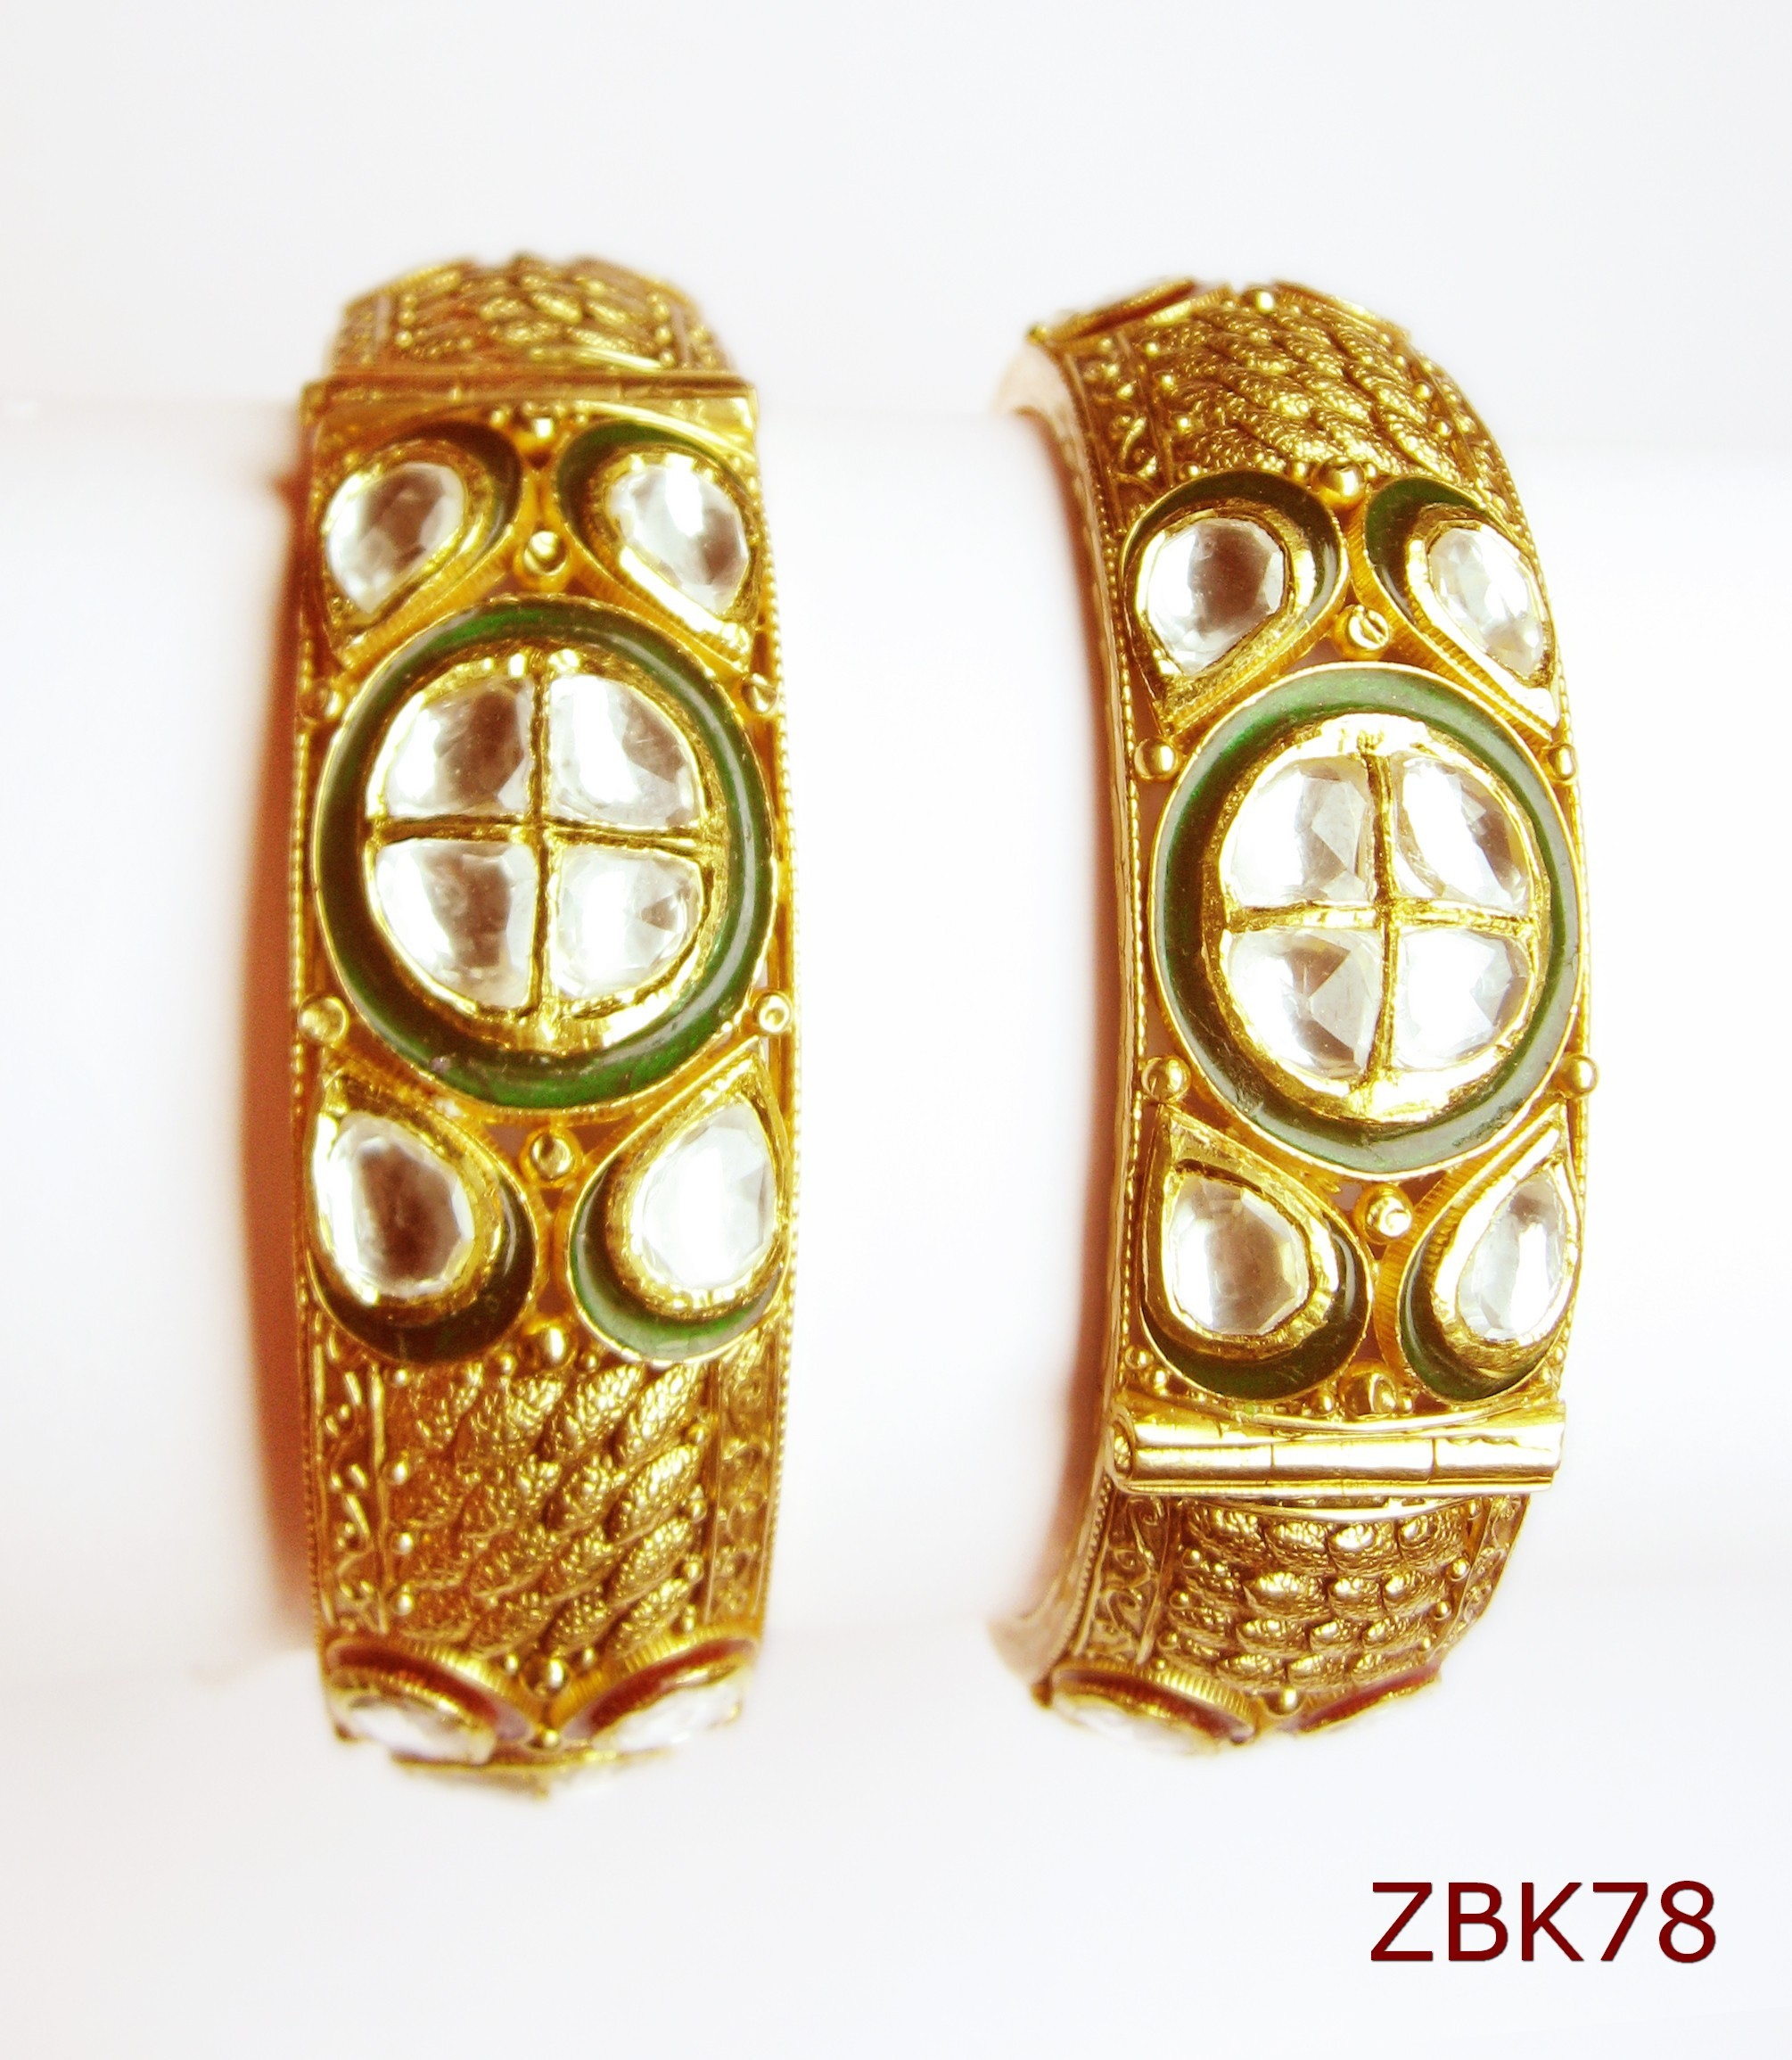 ZBK78